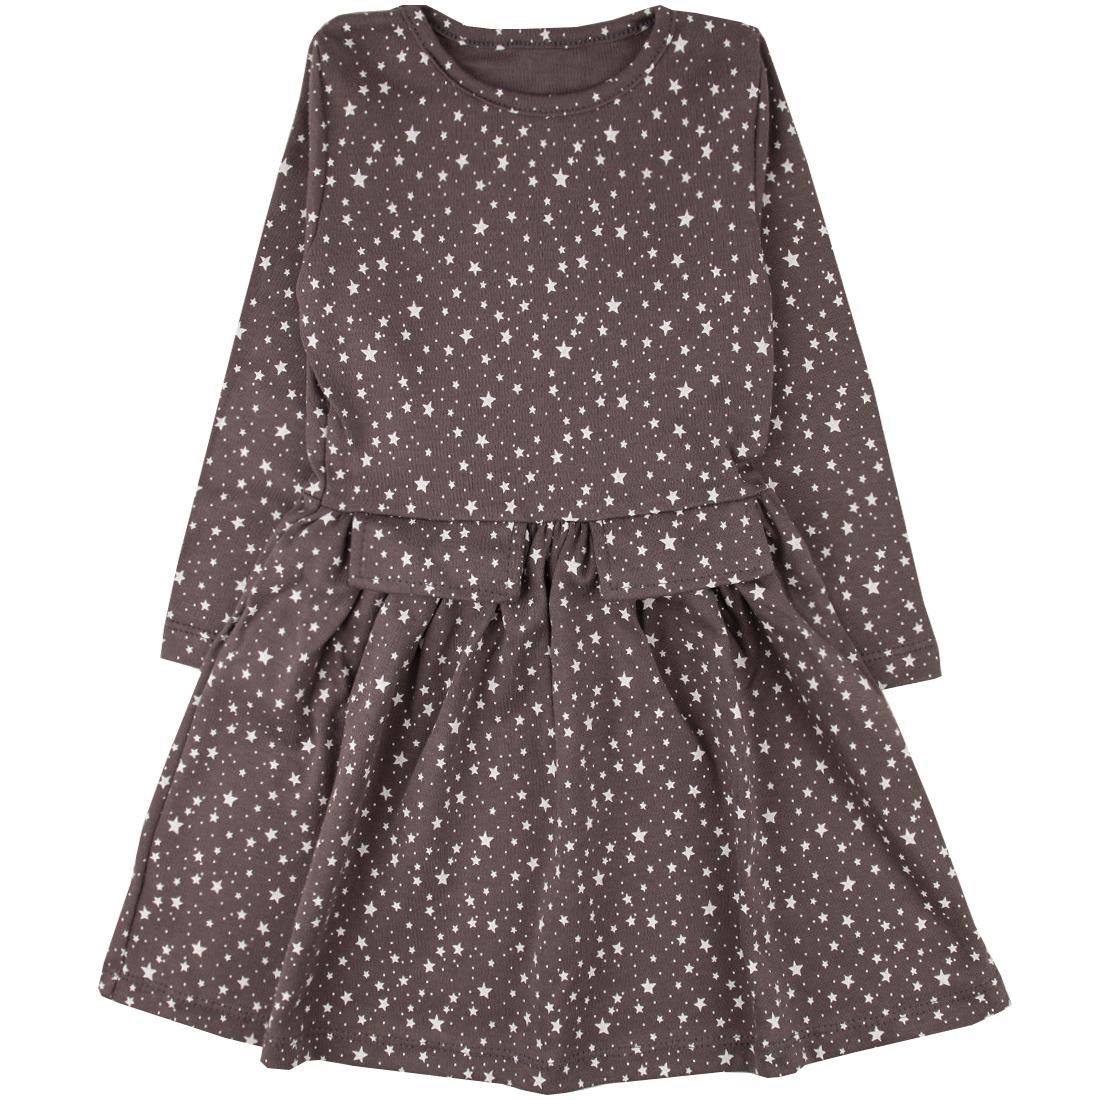 Купить 529и, Платье детское Юлла, цв. коричневый р. 122, Платья для девочек